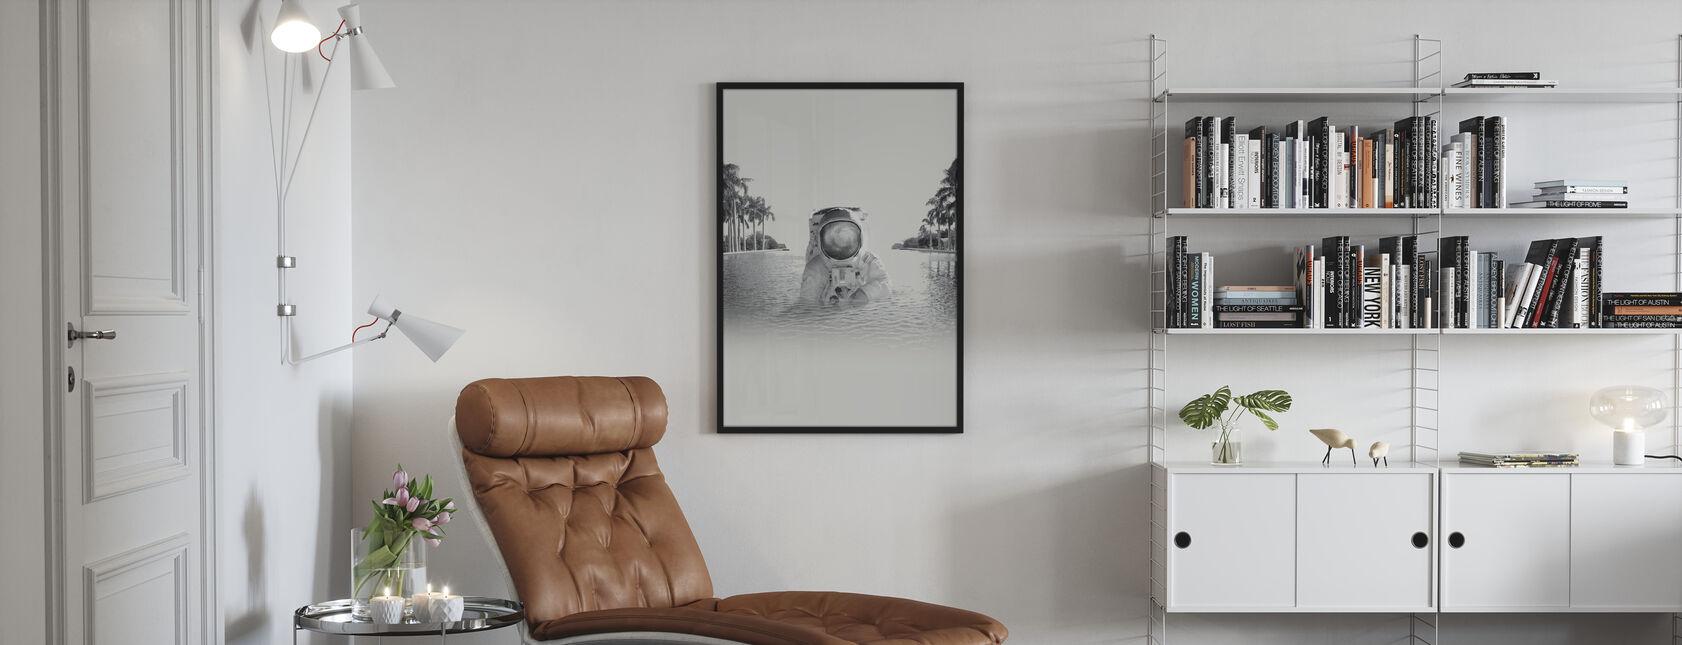 Astronauta - Poster - Wohnzimmer